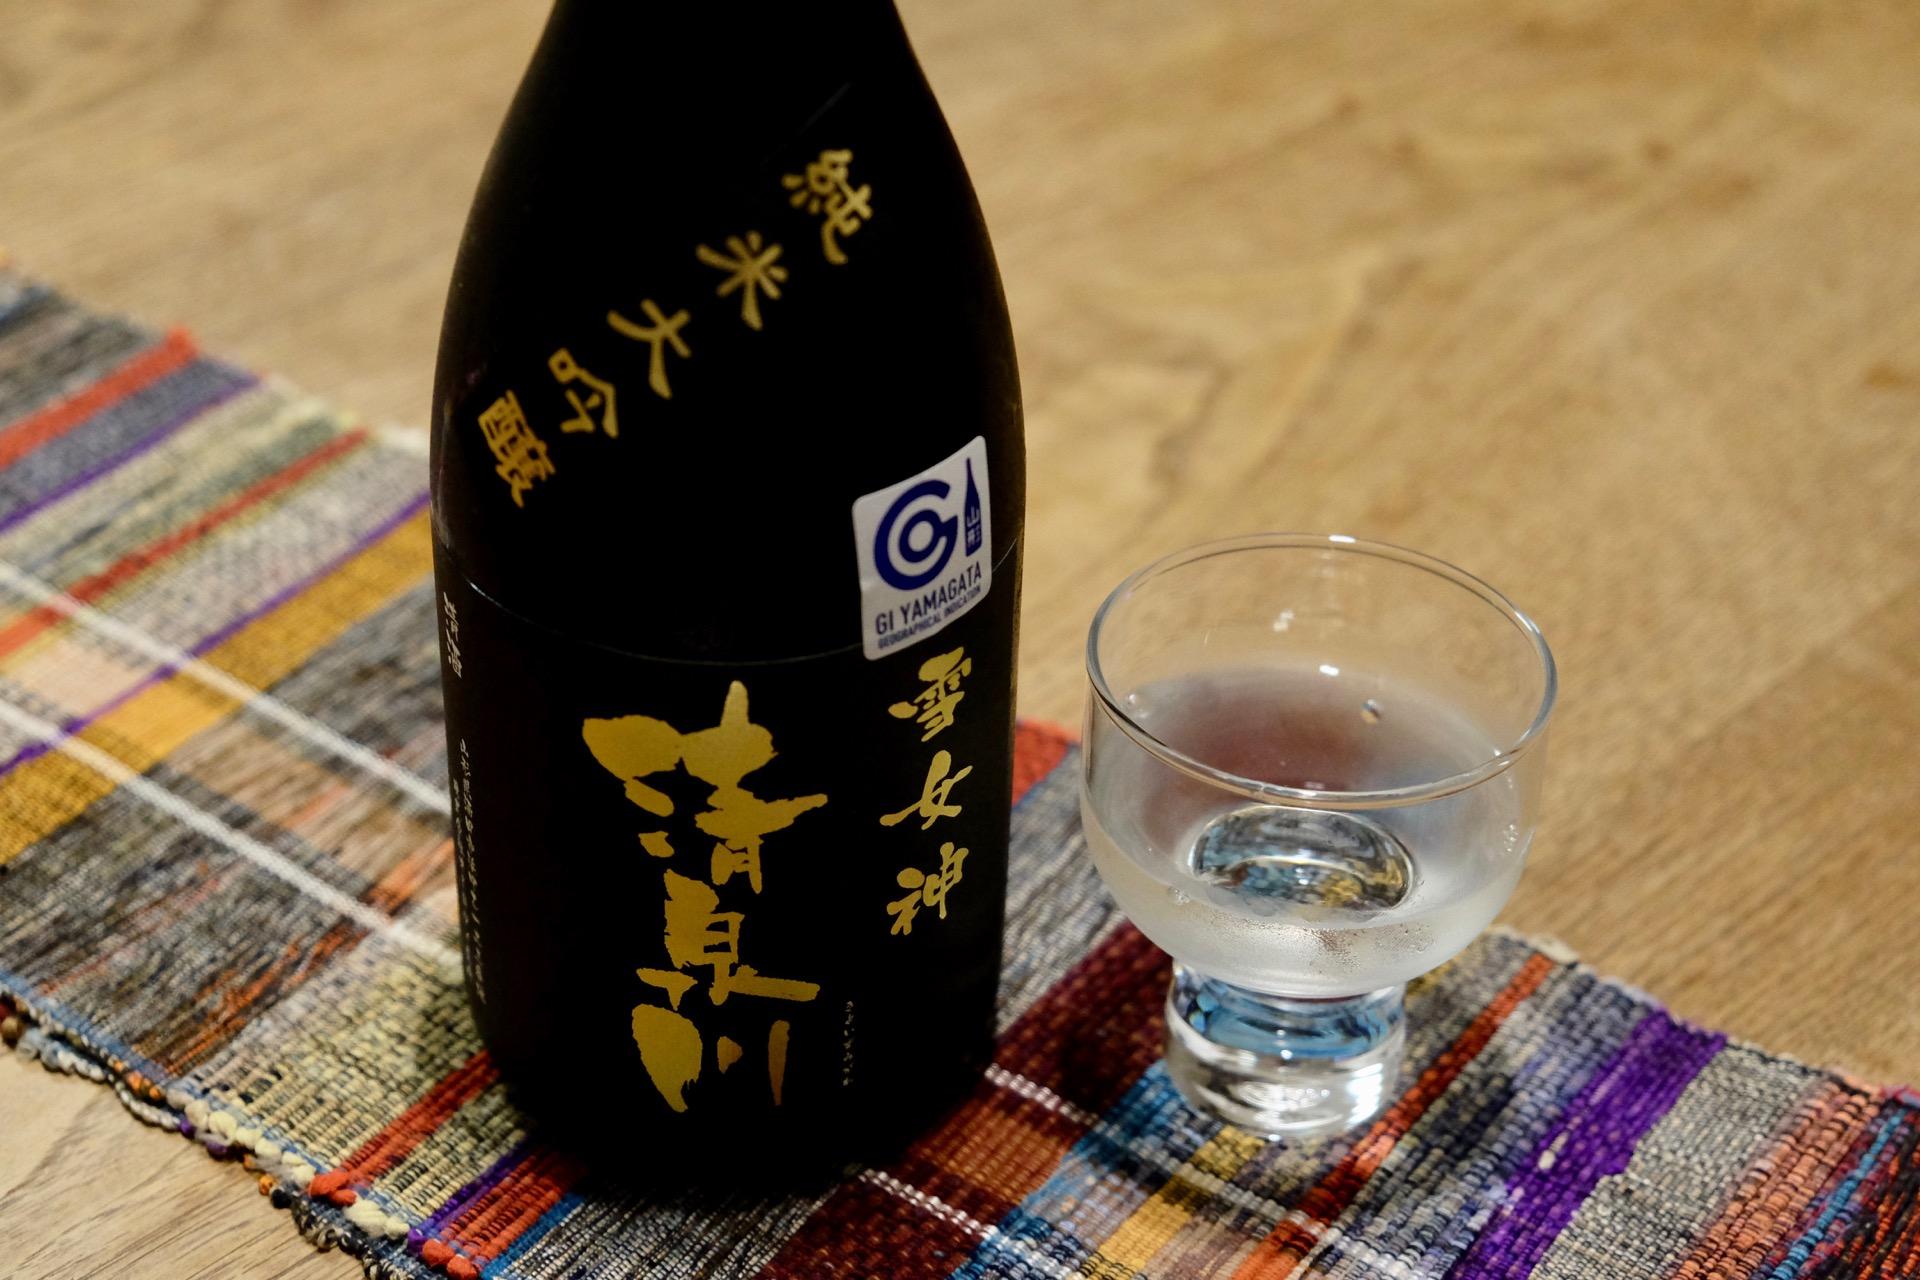 純米大吟醸 雪女神 清泉川|日本酒テイスティングノート